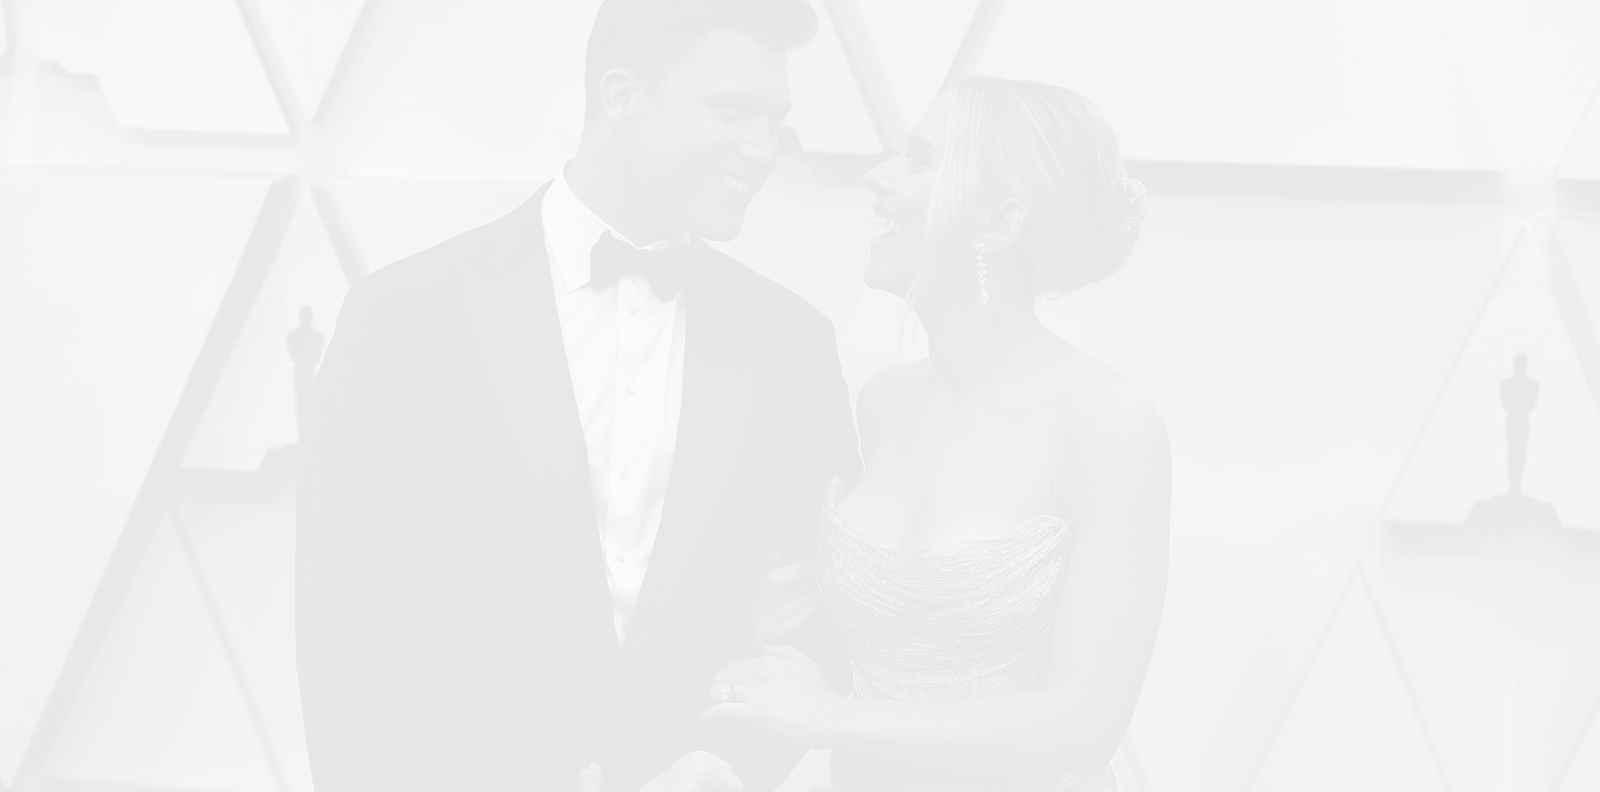 Скарлет Йохансон се омъжи за Колин Джост на тайна церемония